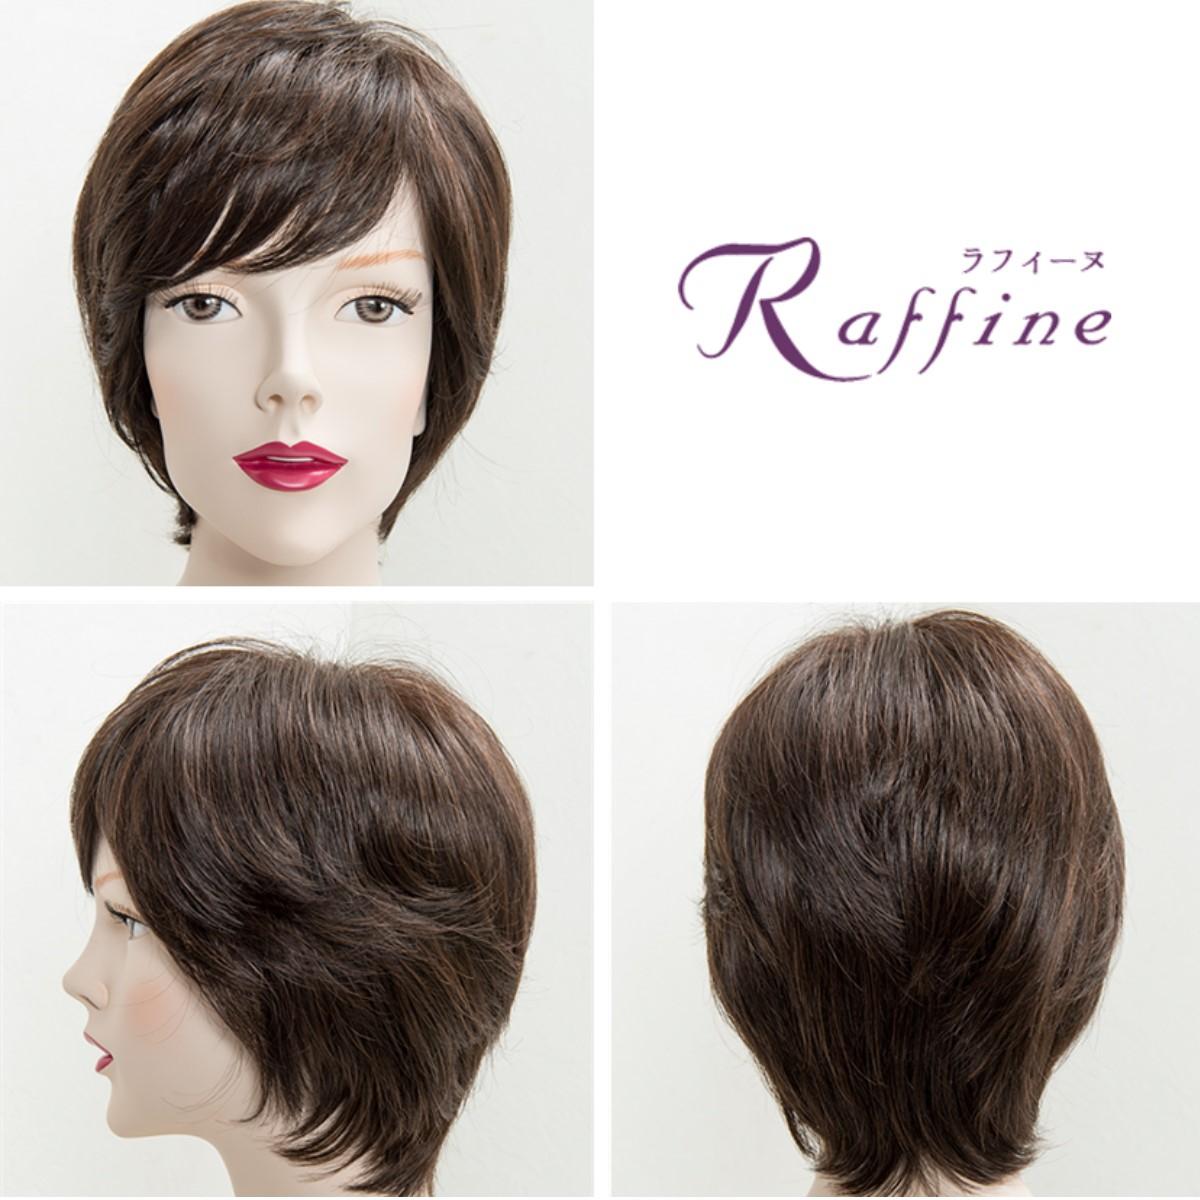 Raffine(ラフィーヌ) フルウィッグ EMS02M-M35の商品画像3